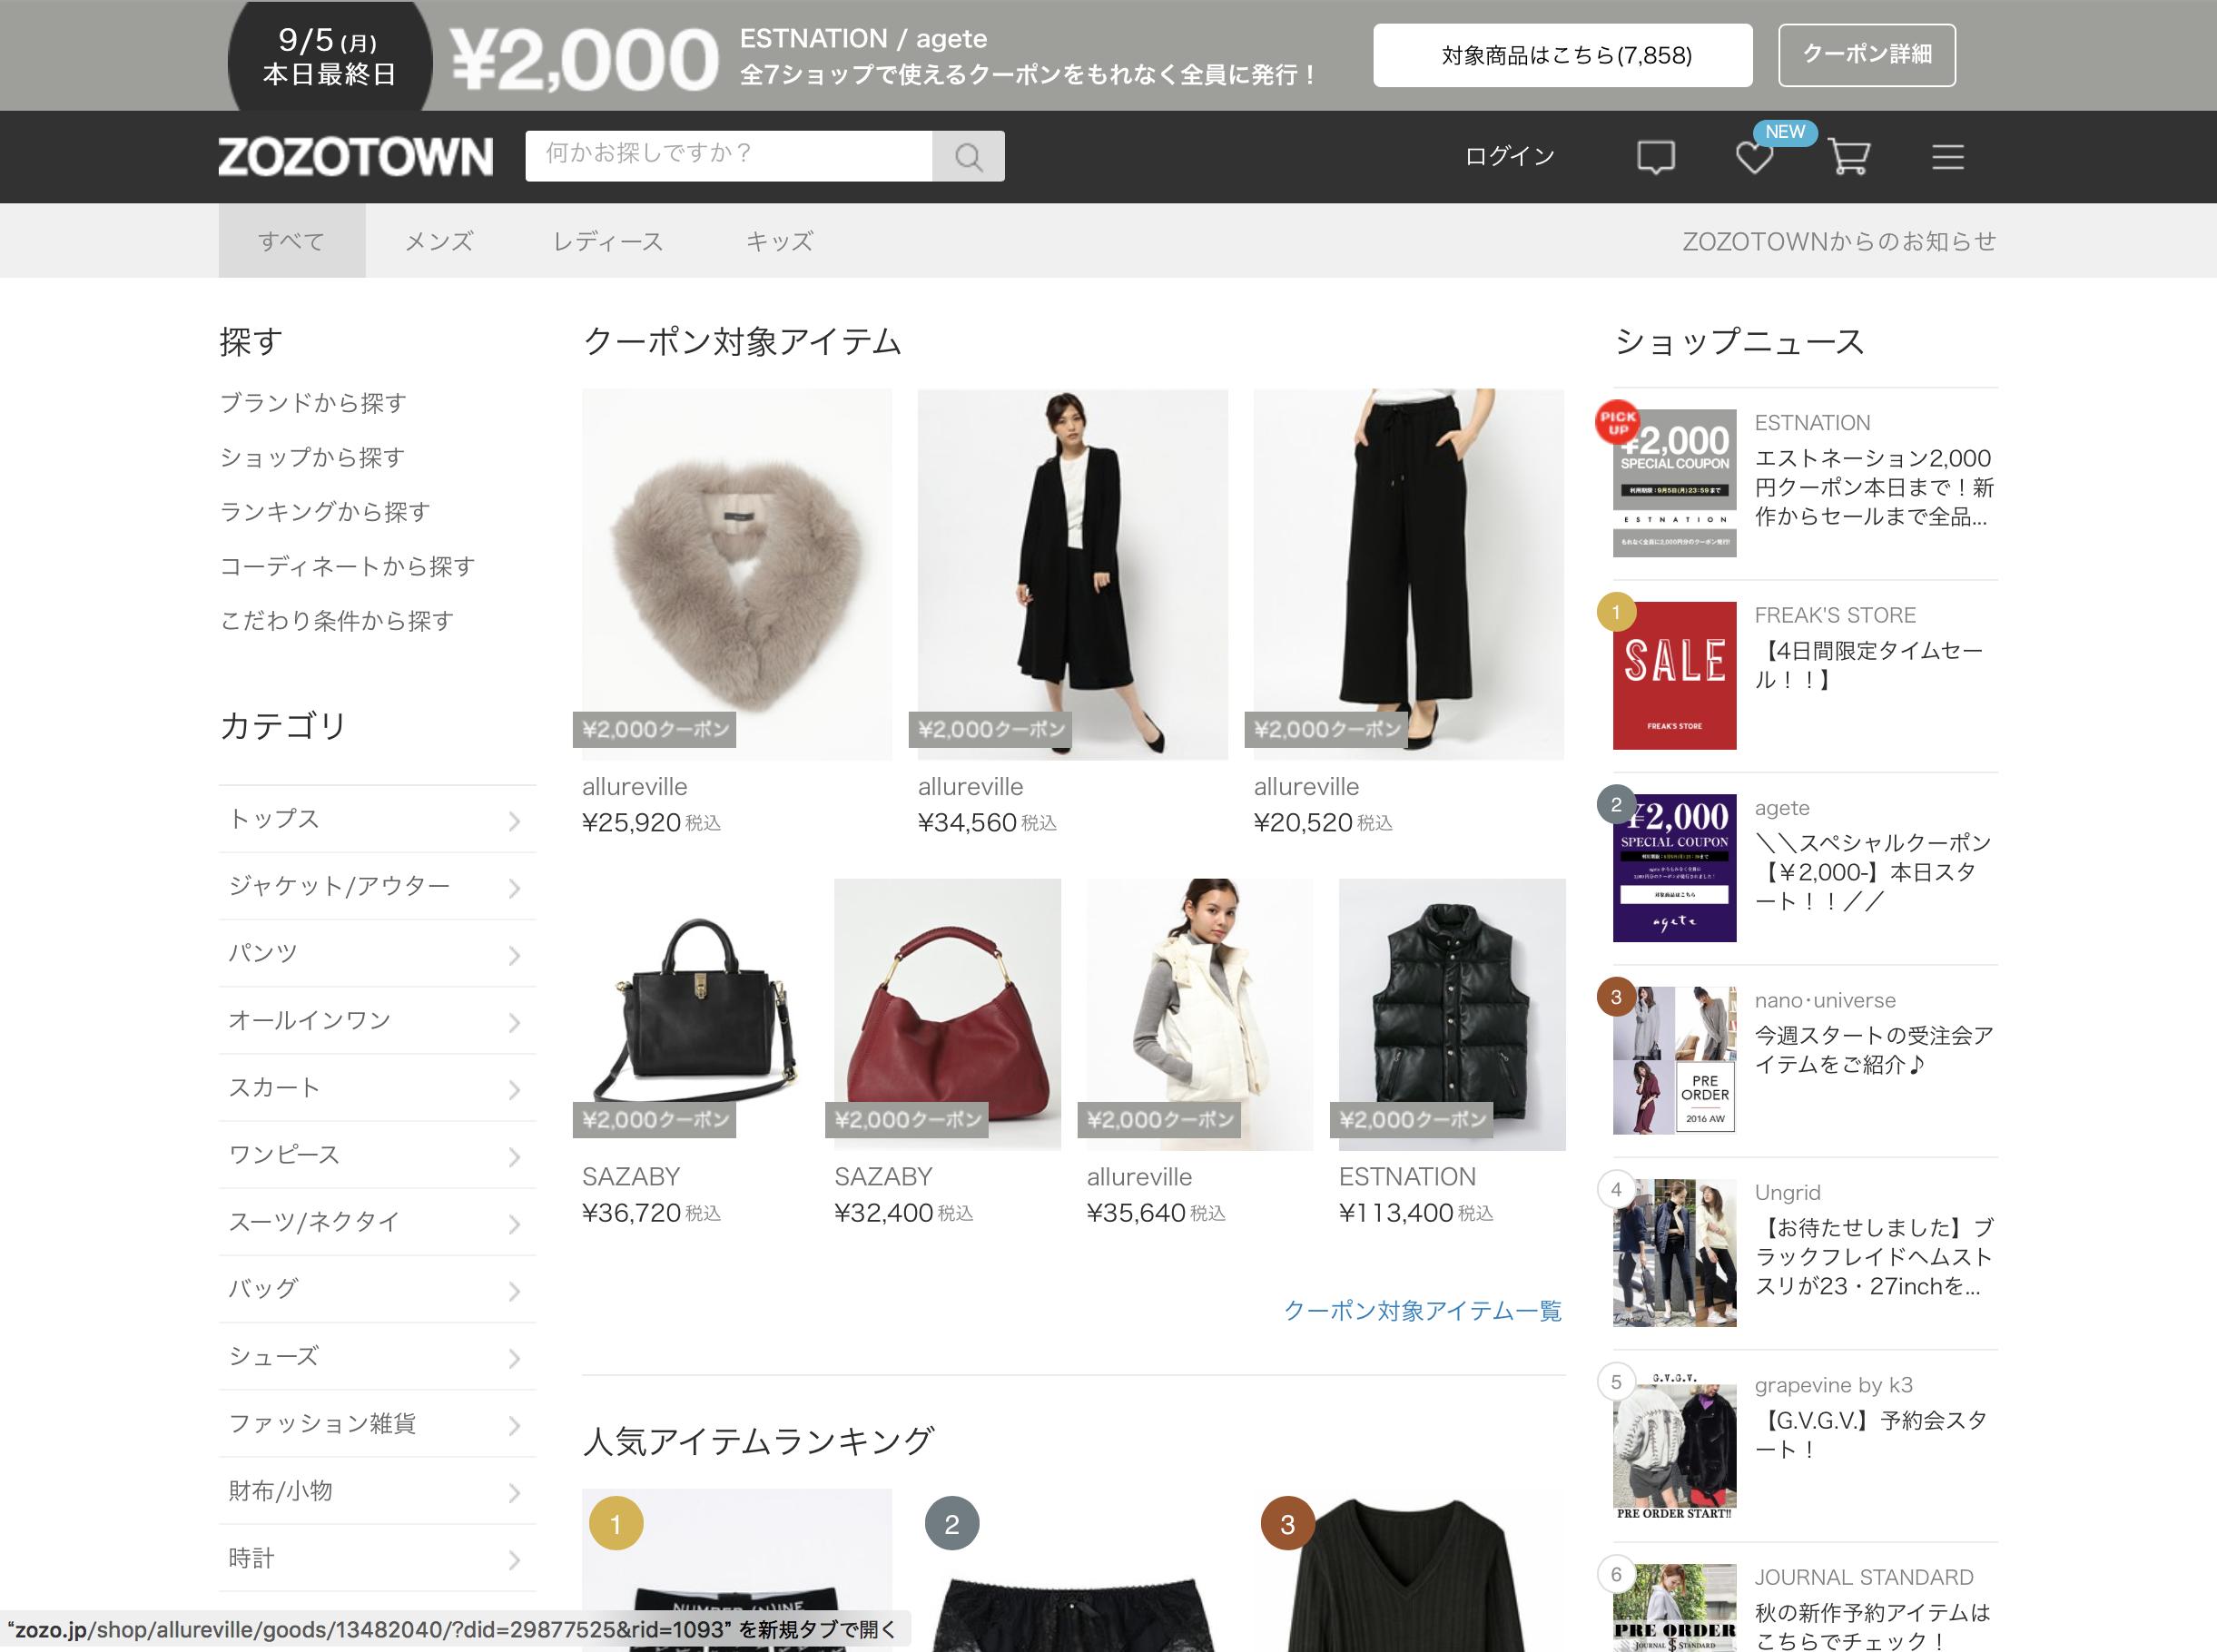 モール出店型ショッピングサイトサンプル ZOZOTOWN